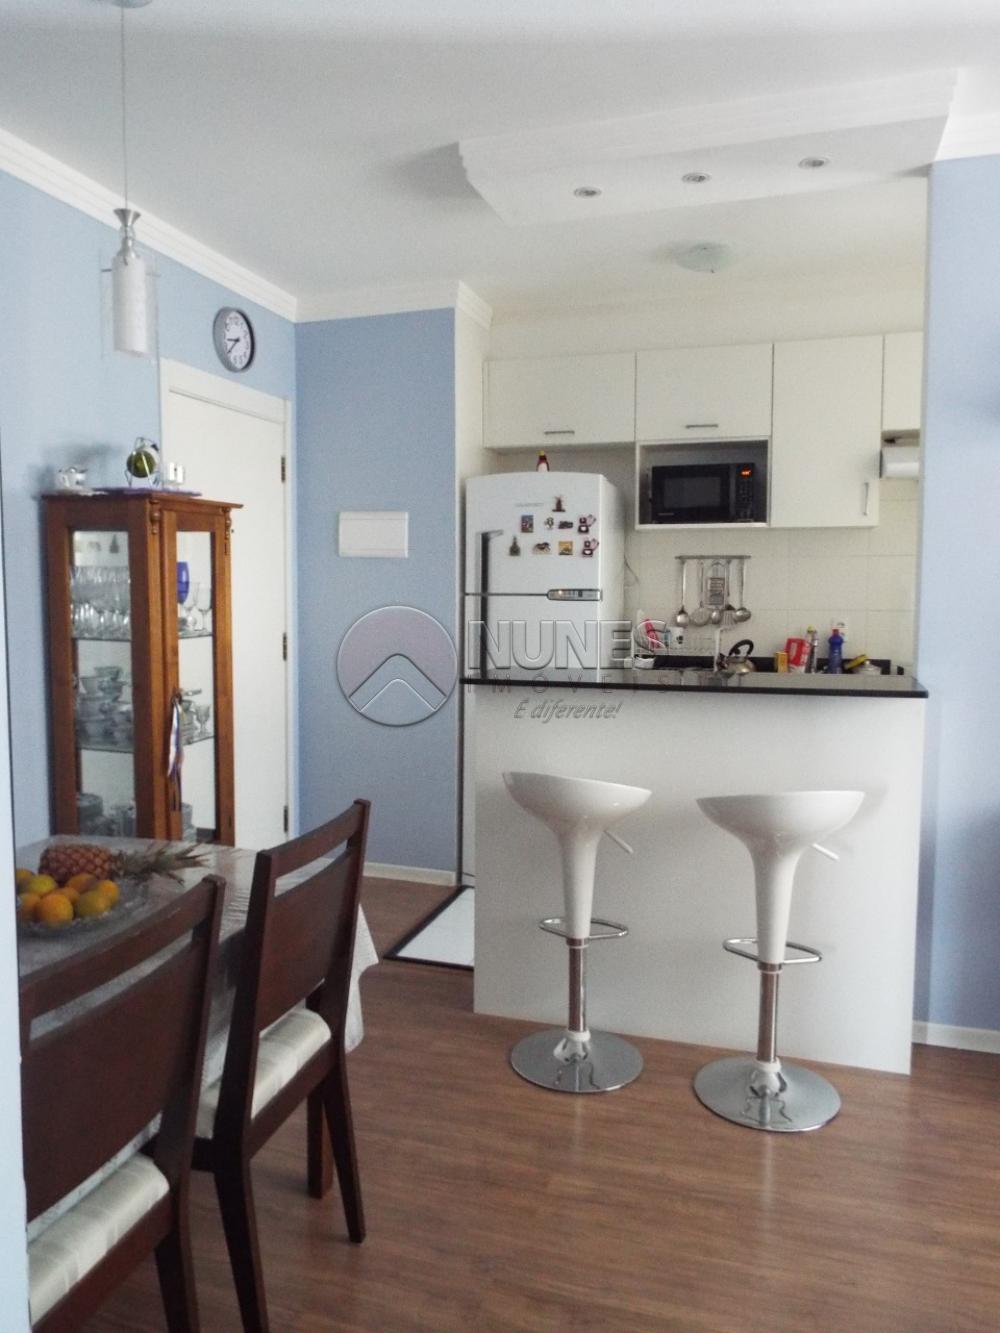 Comprar Apartamento / Padrão em Barueri apenas R$ 275.000,00 - Foto 1